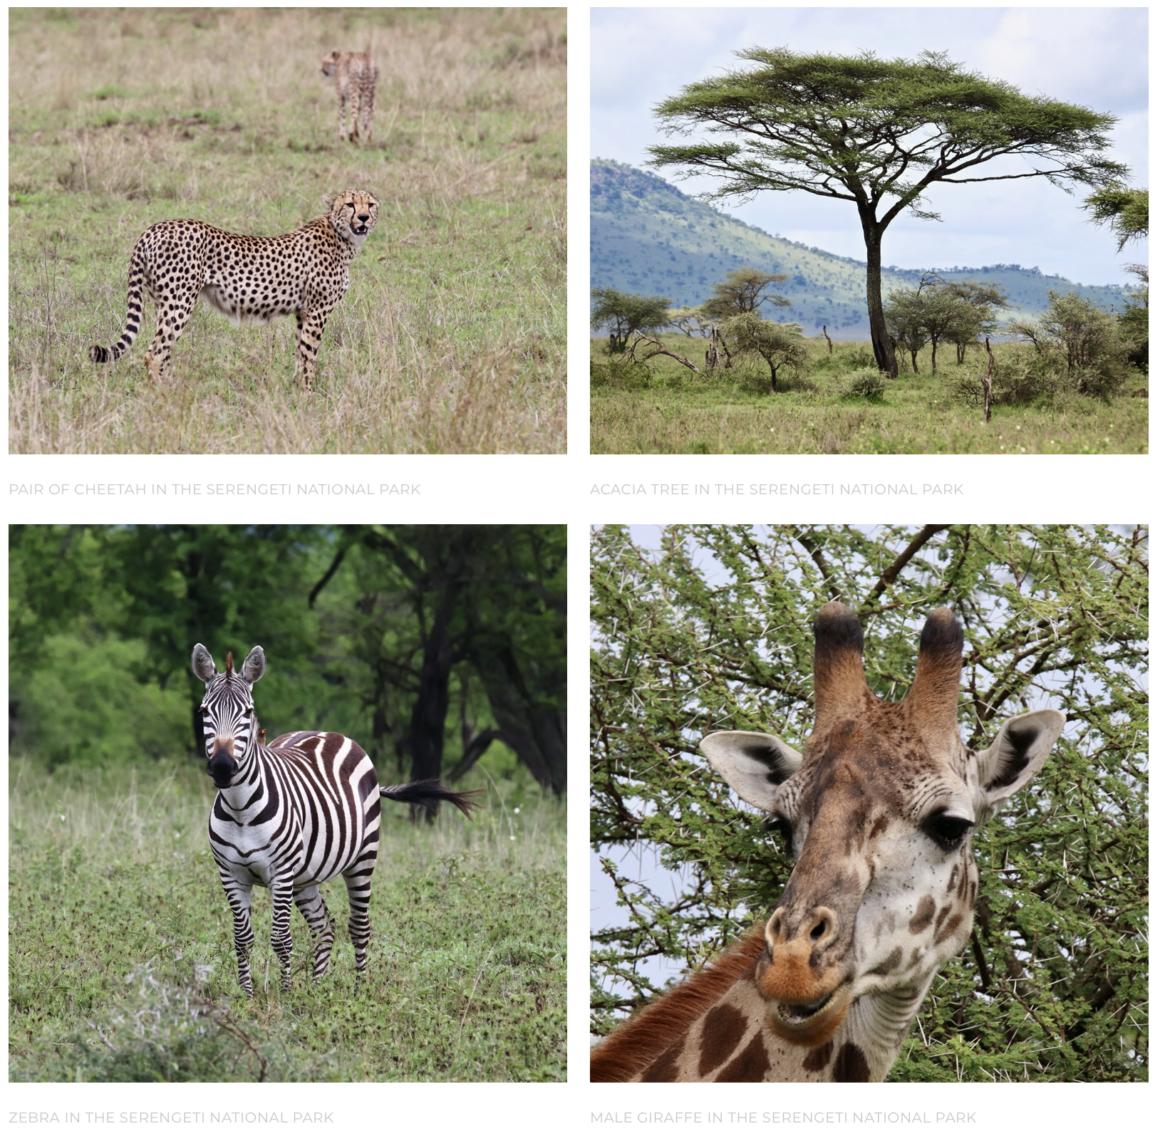 serengeti photo gallery